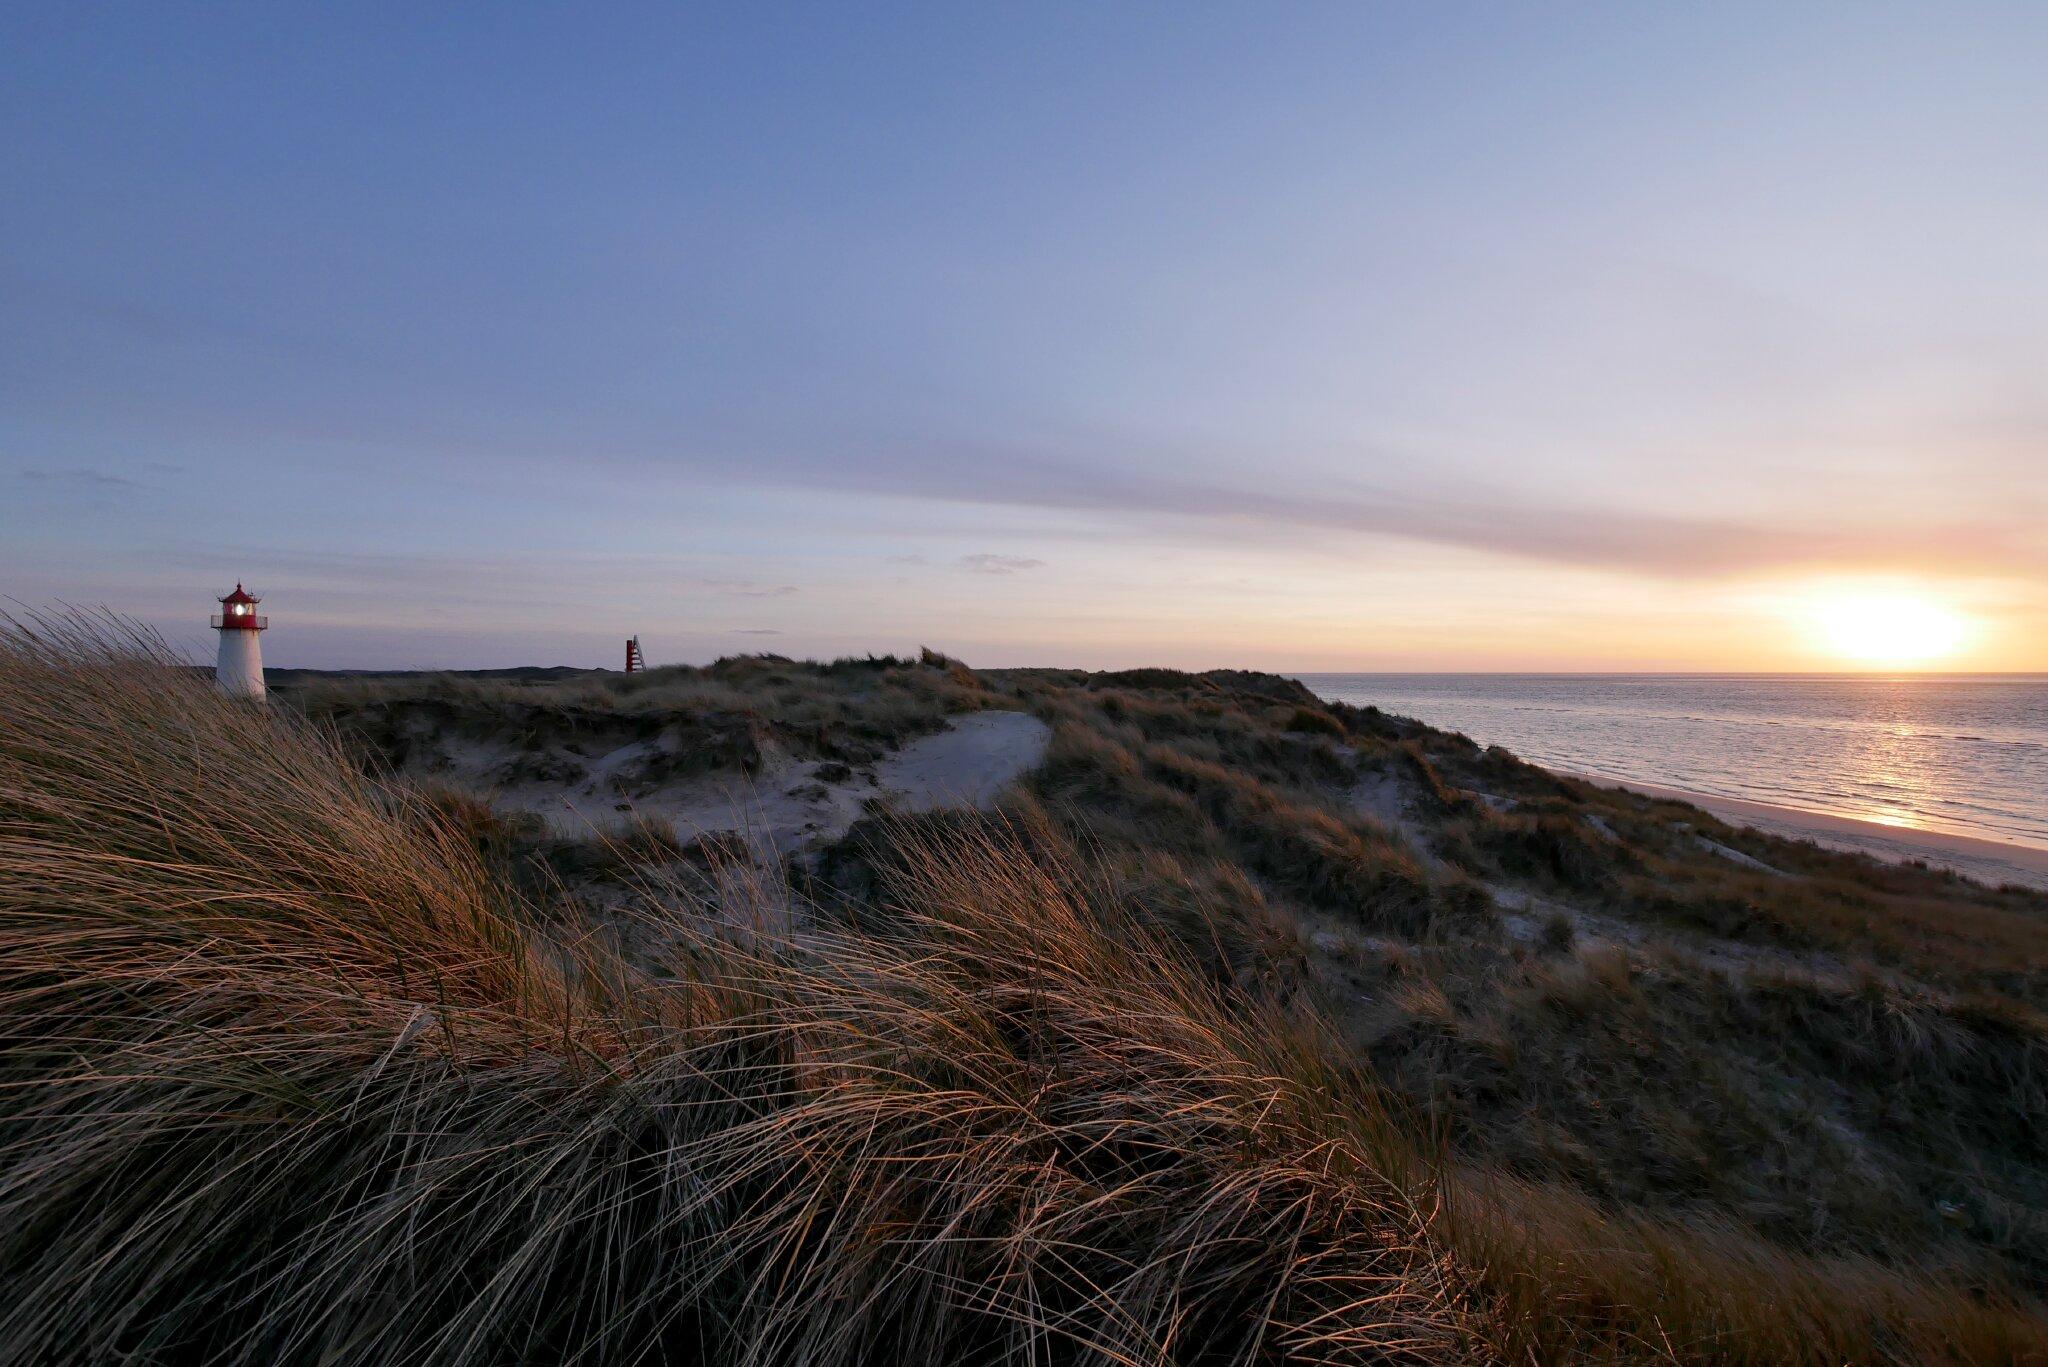 Nordsee bei Sturm im Abendlicht